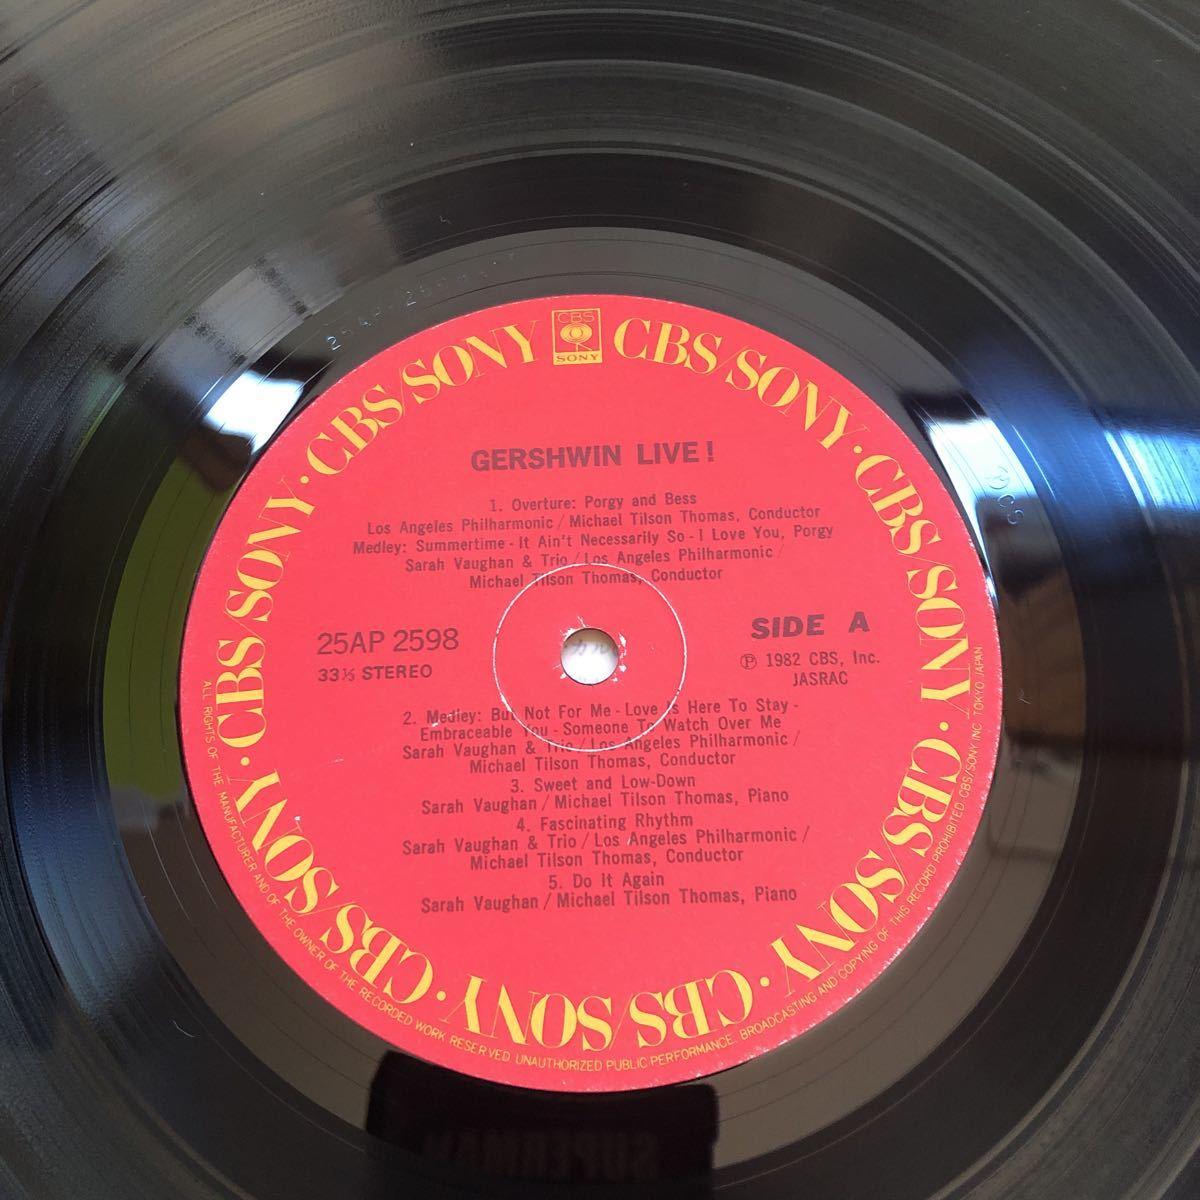 LPレコード★洋楽jazz★サラ・ヴォーン&マイケルティルソン・トーマス★ガーシュウィン・ライヴ!★レコード多数出品中_画像5